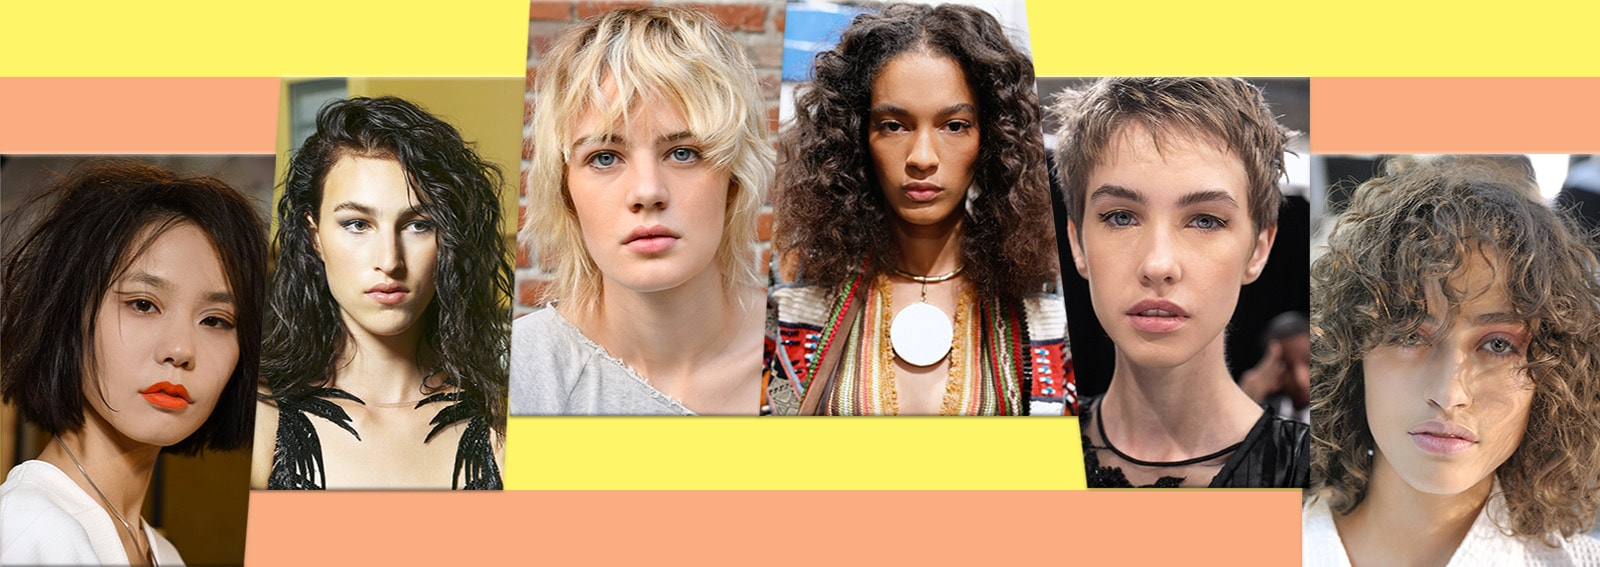 20 tagli di capelli per affrontare il 2017 collage_desktop